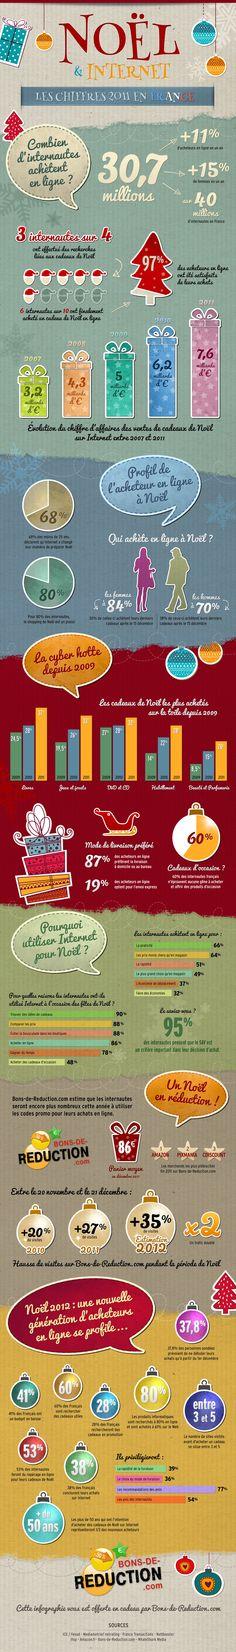 L' #ecommerce pendant les fêtes de #Noel, les chiffres en #France